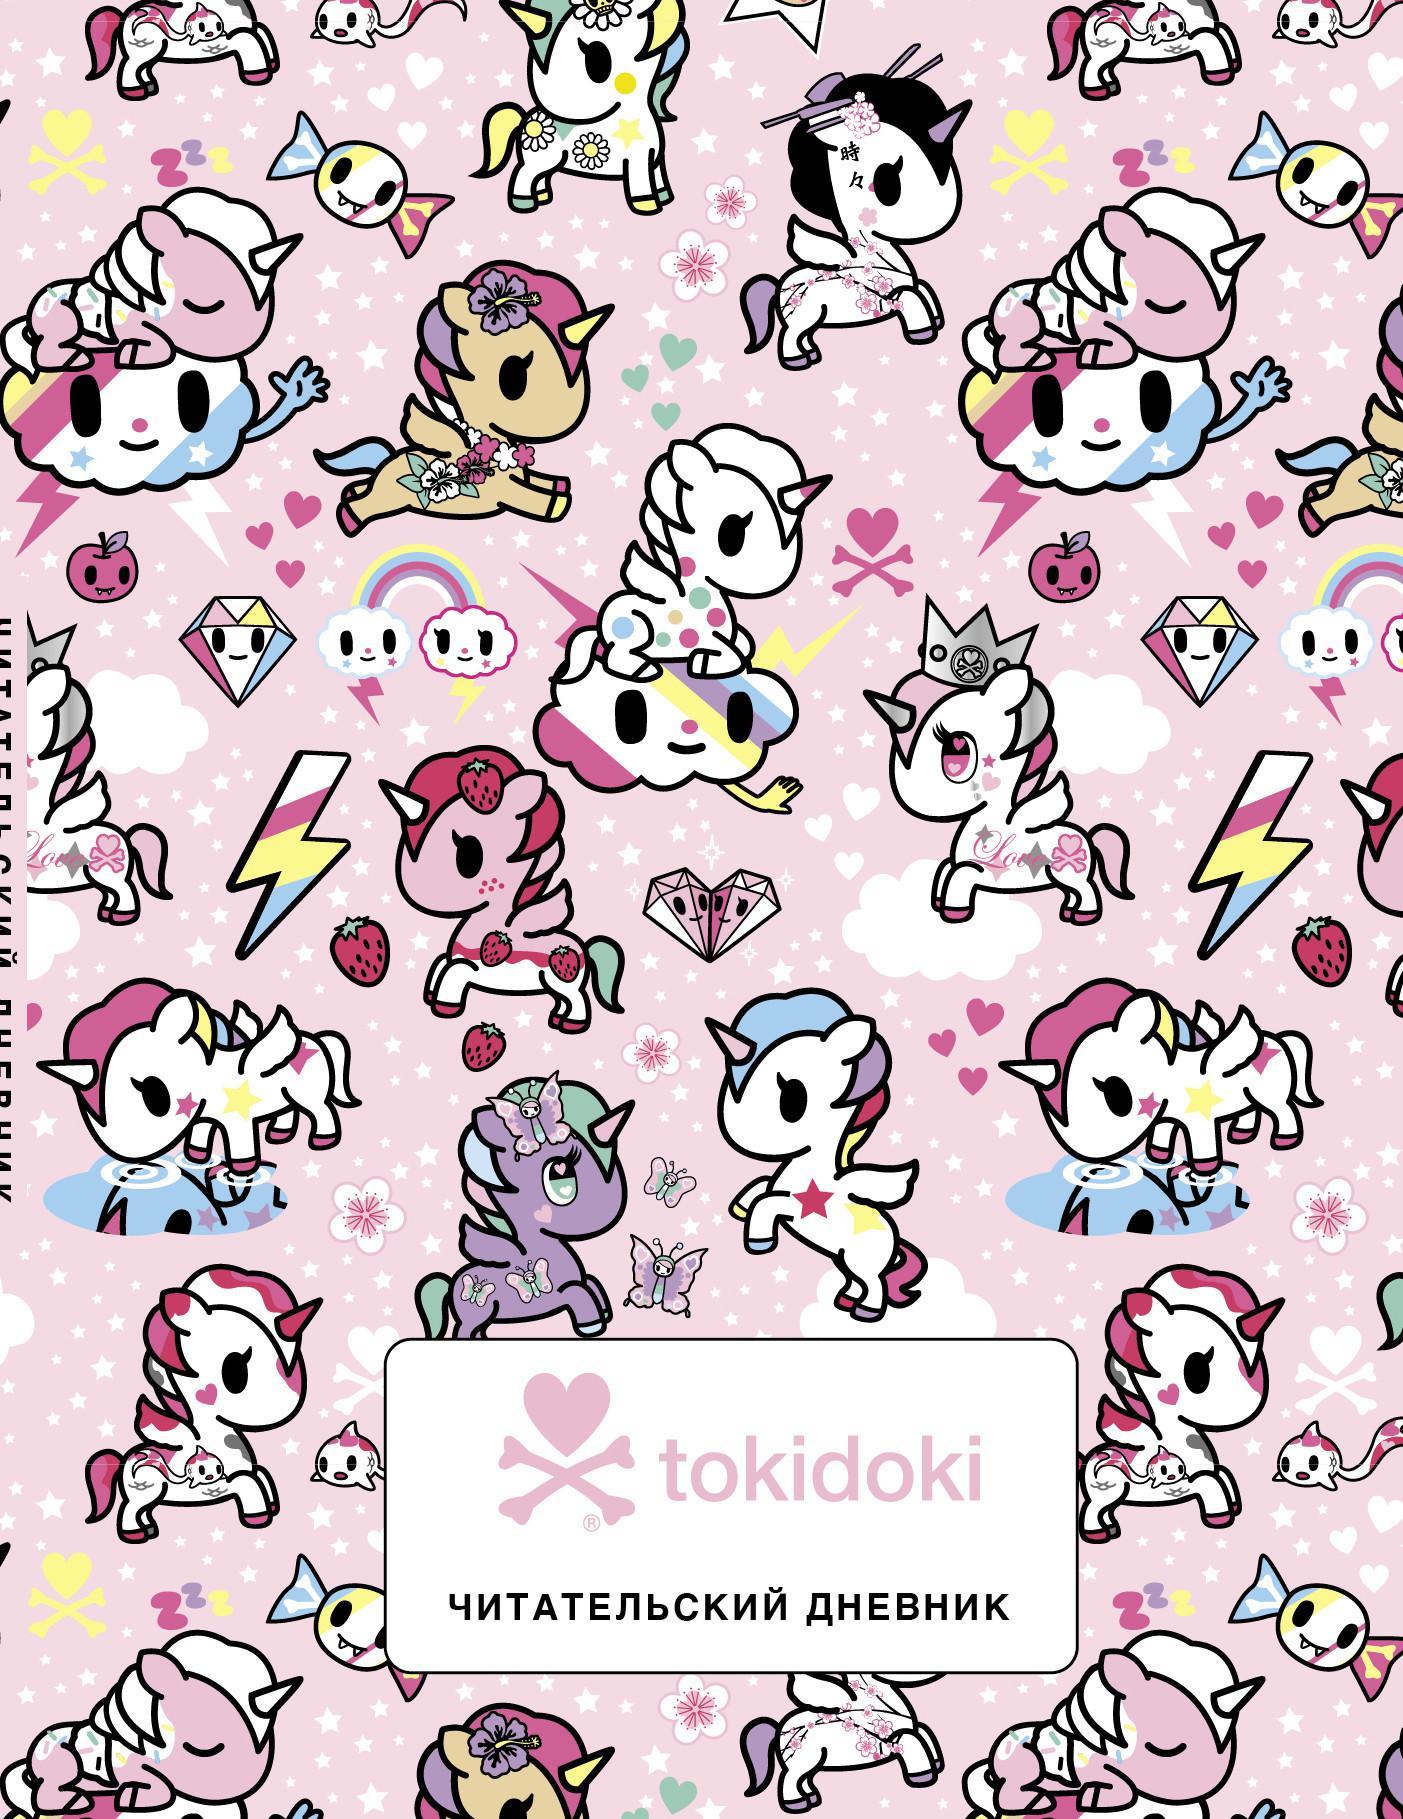 Читательский дневник. Вселенная tokidoki